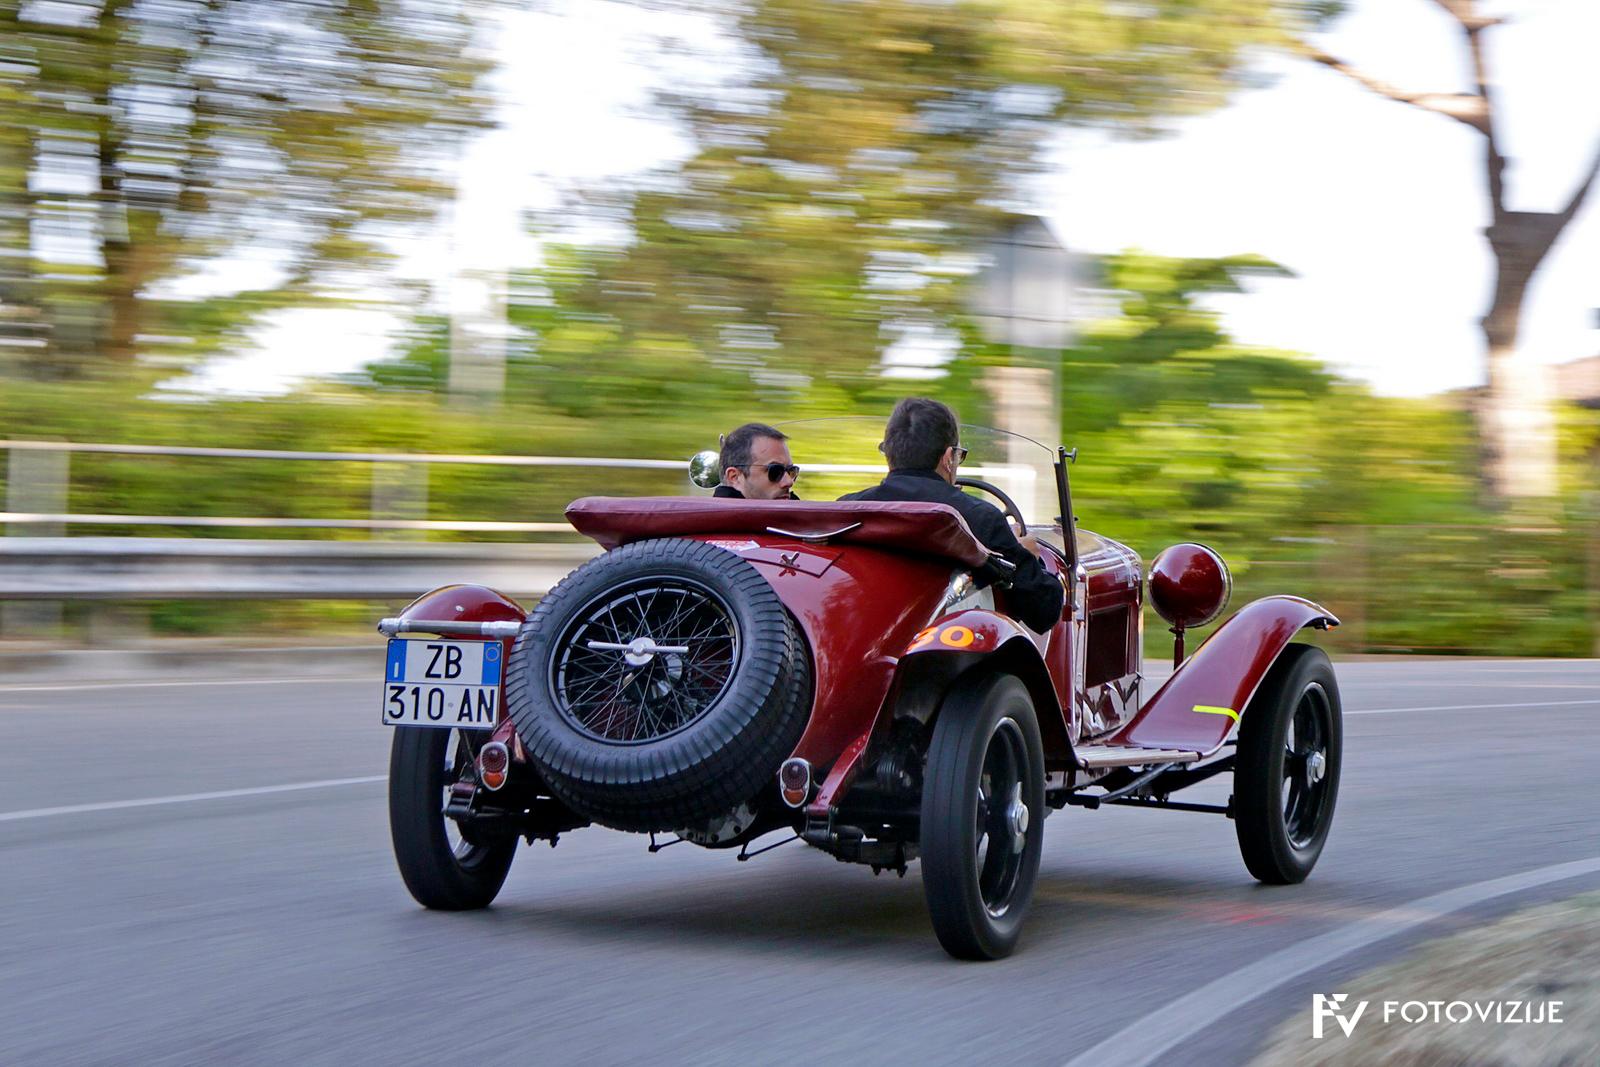 Mille Miglia 2018: 90 let star alfa romeo 6C 1500 Super sport, na koncu tretje uvrščeni.